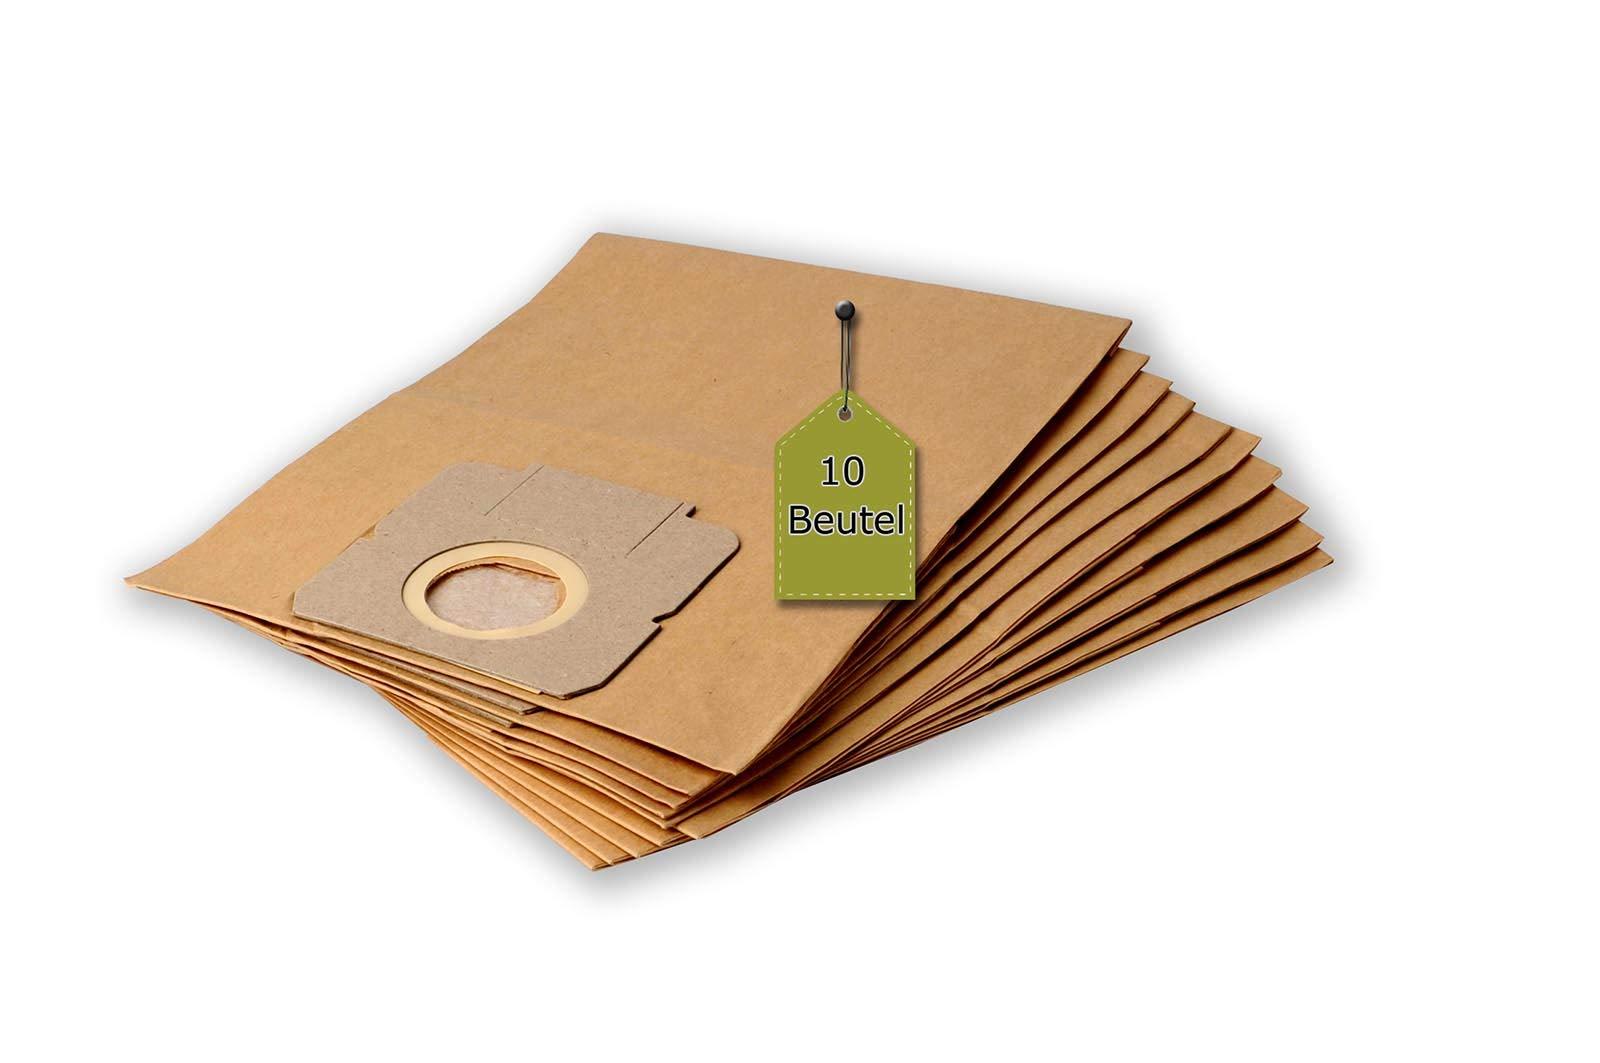 eVendix Bolsa para aspiradora Adecuada para Moulinex 300 EL - Vectral | 10 Bolsas de Polvo + 2 microfiltros + 2 filtros de Motor | Similar a la Bolsa Original: W 56: Amazon.es: Hogar